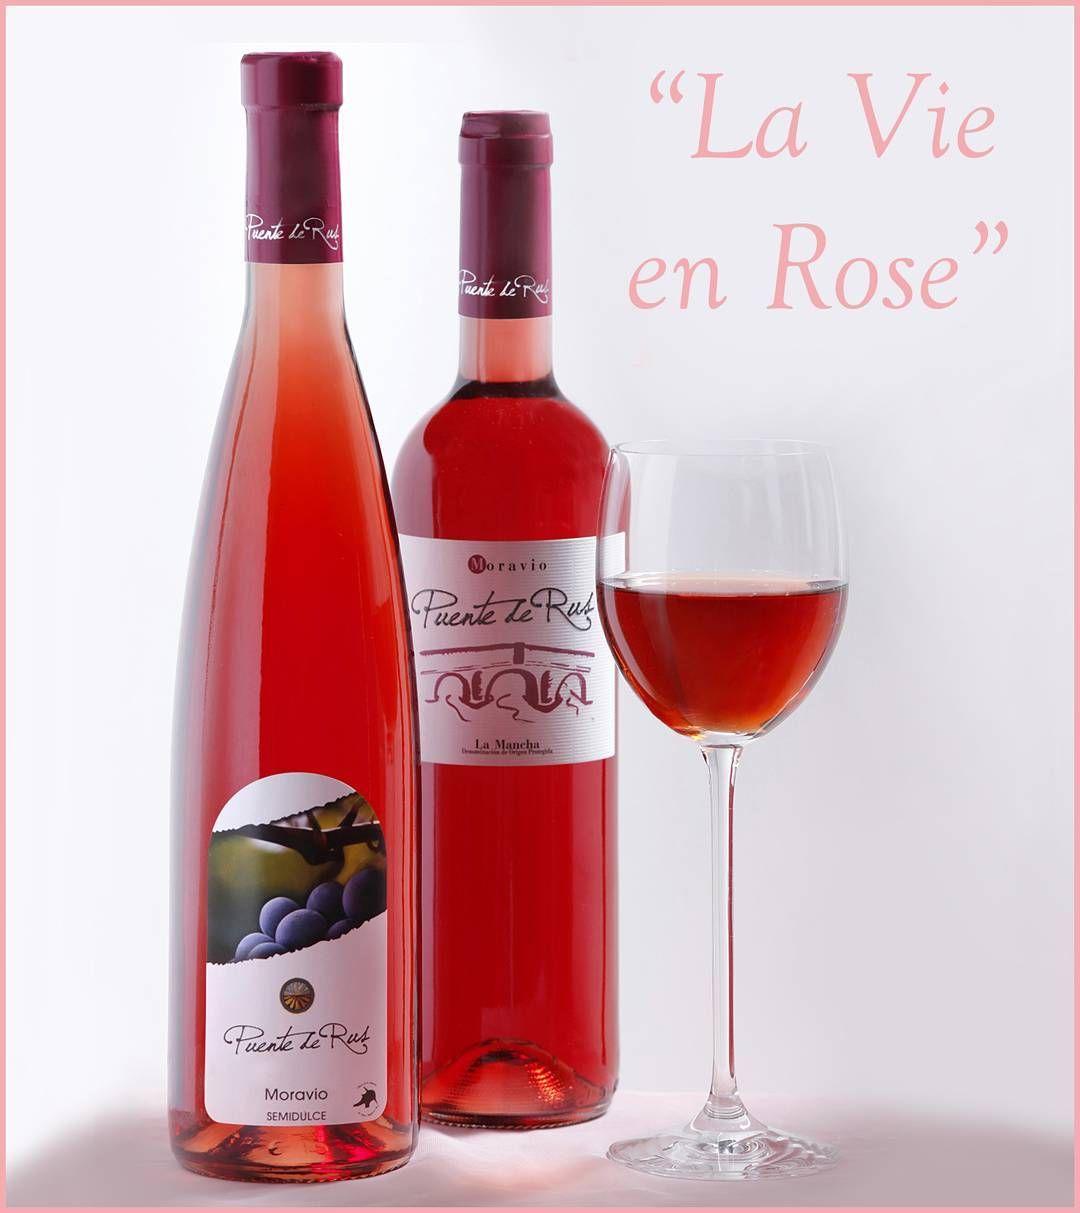 Lavieenrose Vinosrosados Puentederus Para Ver La Vida En Rosa